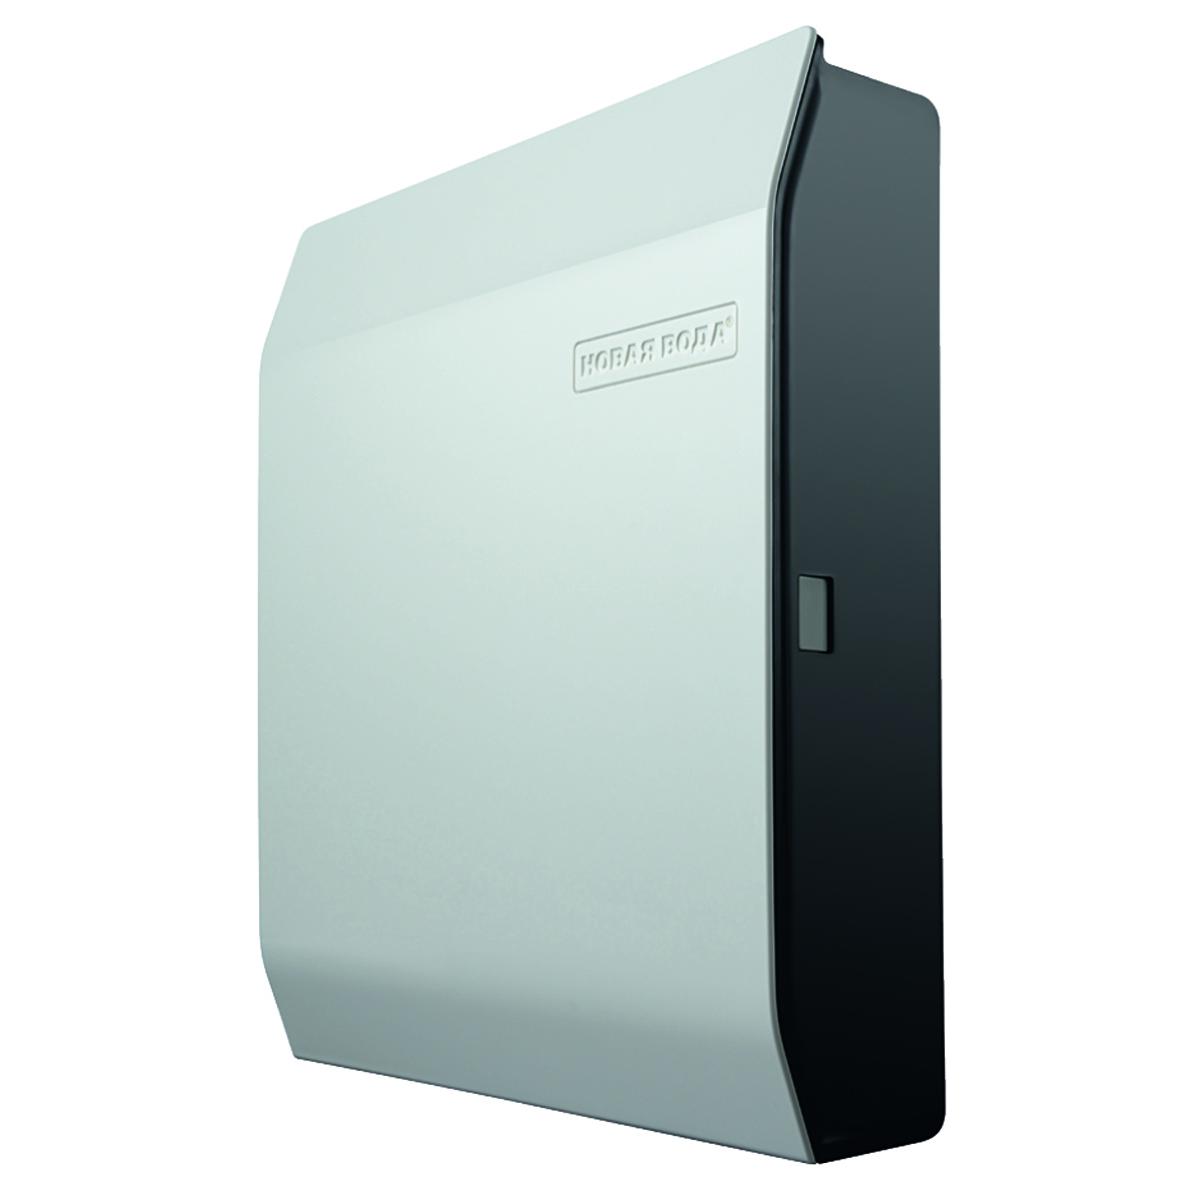 Фильтр для воды Prio Expert. M200, суперкомпактный 5-ого поколенияК1-03-04-07Тип фильтра: Система под мойку. Фильтры под мойку нового поколения Expert — настоящий прорыв в области очистки воды благодаря совершенному дизайну, быстросъемным картриджам и инновационным технологиям очистки воды.Многоступенчатые системы Expert занимают на 50% меньше места, чем традиционные системы, они имеют тонкий корпус — всего 8,5 см — и обладают ультрасовременным дизайном.Это позволяет:- разместить фильтр под мойкой, не занимая при этом много места- быть уверенным в том, что фильтр не будет поврежден при размещении под мойкой посуды и хоз.принадлежностей (например, мусорного ведра)- разместить фильтр на открытом пространстве над, либо рядом с мойкой, восхищая гостей превосходным дизайном системы и облегчая доступ к ней при смене картриджей- устанавливать фильтр горизонтально (например, закрепляя к верхней части шкафа под мойкой), делая его практически незаметнымПрименение: очищение от механических примесей (ржавчины, ила, песка и т.п.), растворенных примесей, таких как свободного хлора, хлорорганических соединений, пестицидов, гербицидов, сельскохозяйственных удобрений и продуктов их распада, фенолов, нефтепродуктов, алюминия, тяжелых металлов, радиоактивных элементов и иных органических и неорганических веществ.Предназначение: Для регионов с водой, характеризующейся нормальным и пониженным содержанием солей жесткости.Эксклюзивная разработка Prio, не имеющая аналогов - использование уникальных картриджей:-отсутствиеголовы, в которой в процессе многолетней эксплуатации могут скапливаться загрязнение - гарантирует Вам кристально чистую воду даже через 10 лет эксплуатации- только у фильтров Expert картриджи имеют вход и выход на противоположных концах картриджа - вкупе с фирменной технологией Invortex (движение воды внутри фильтра по спирали) это не только повышает качество очистки, но и увеличивает ресурс картриджа до 2х раз по сравнению с традиционными системами- используемые картриджи